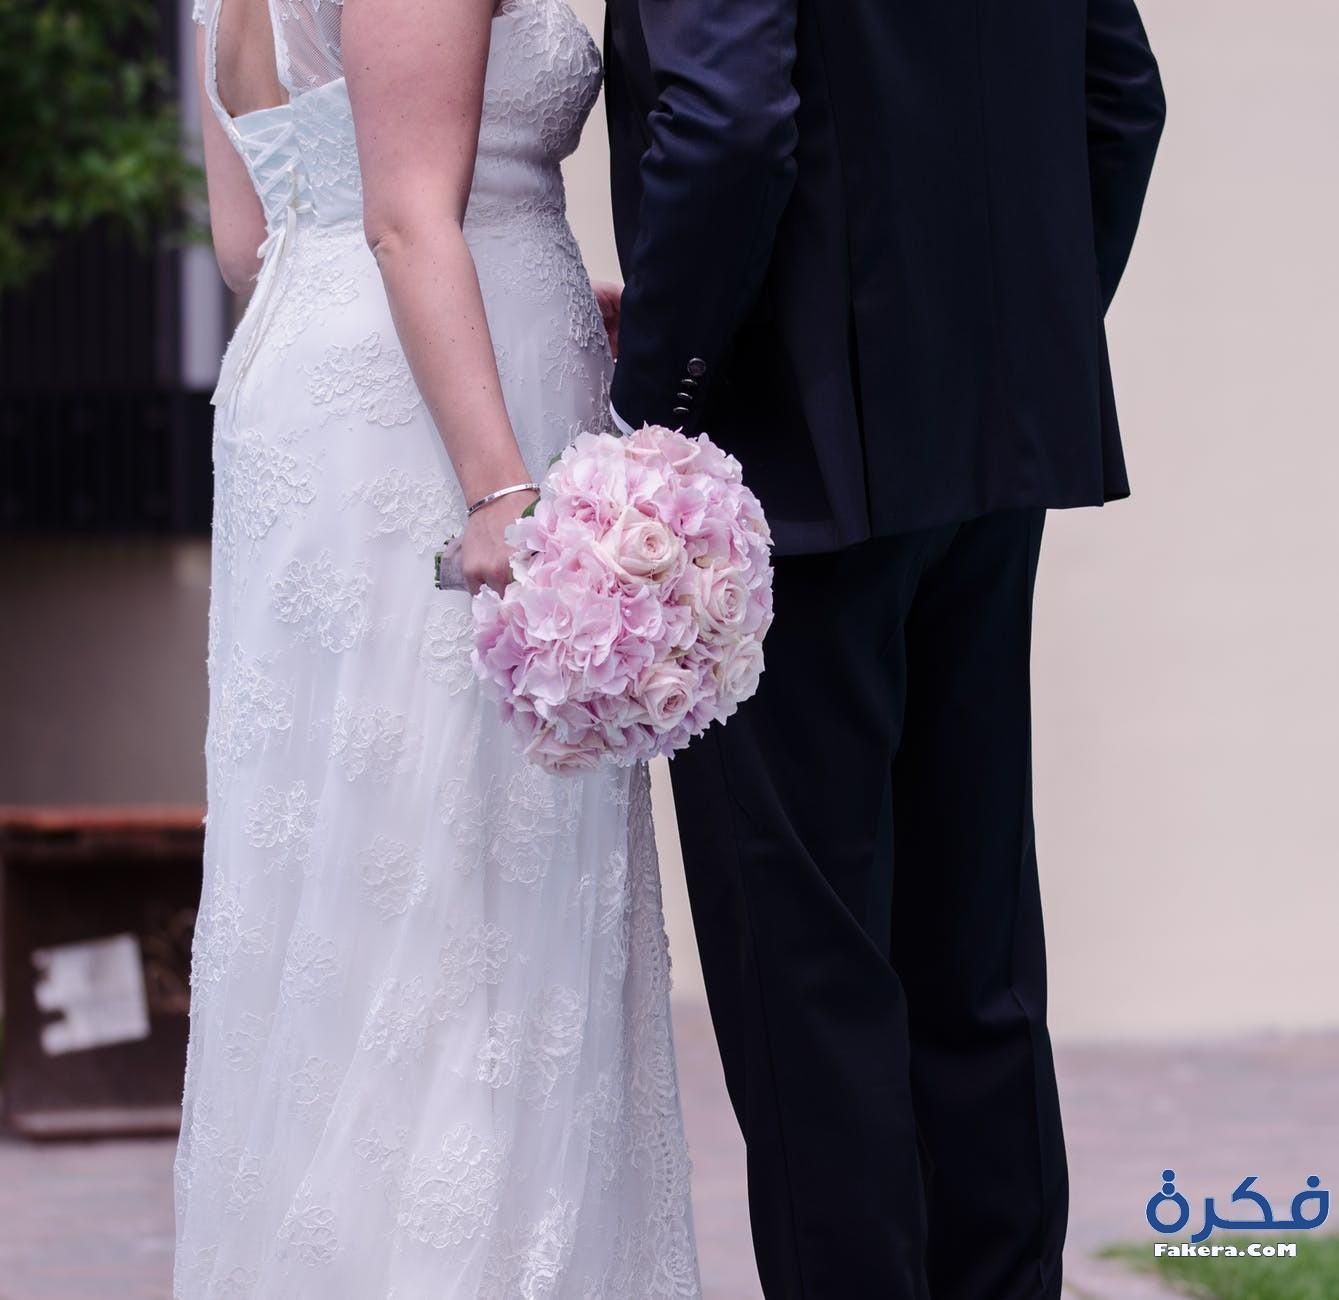 ما تفسير حلم زواج المرأة المتزوجة في المنام موقع فكرة